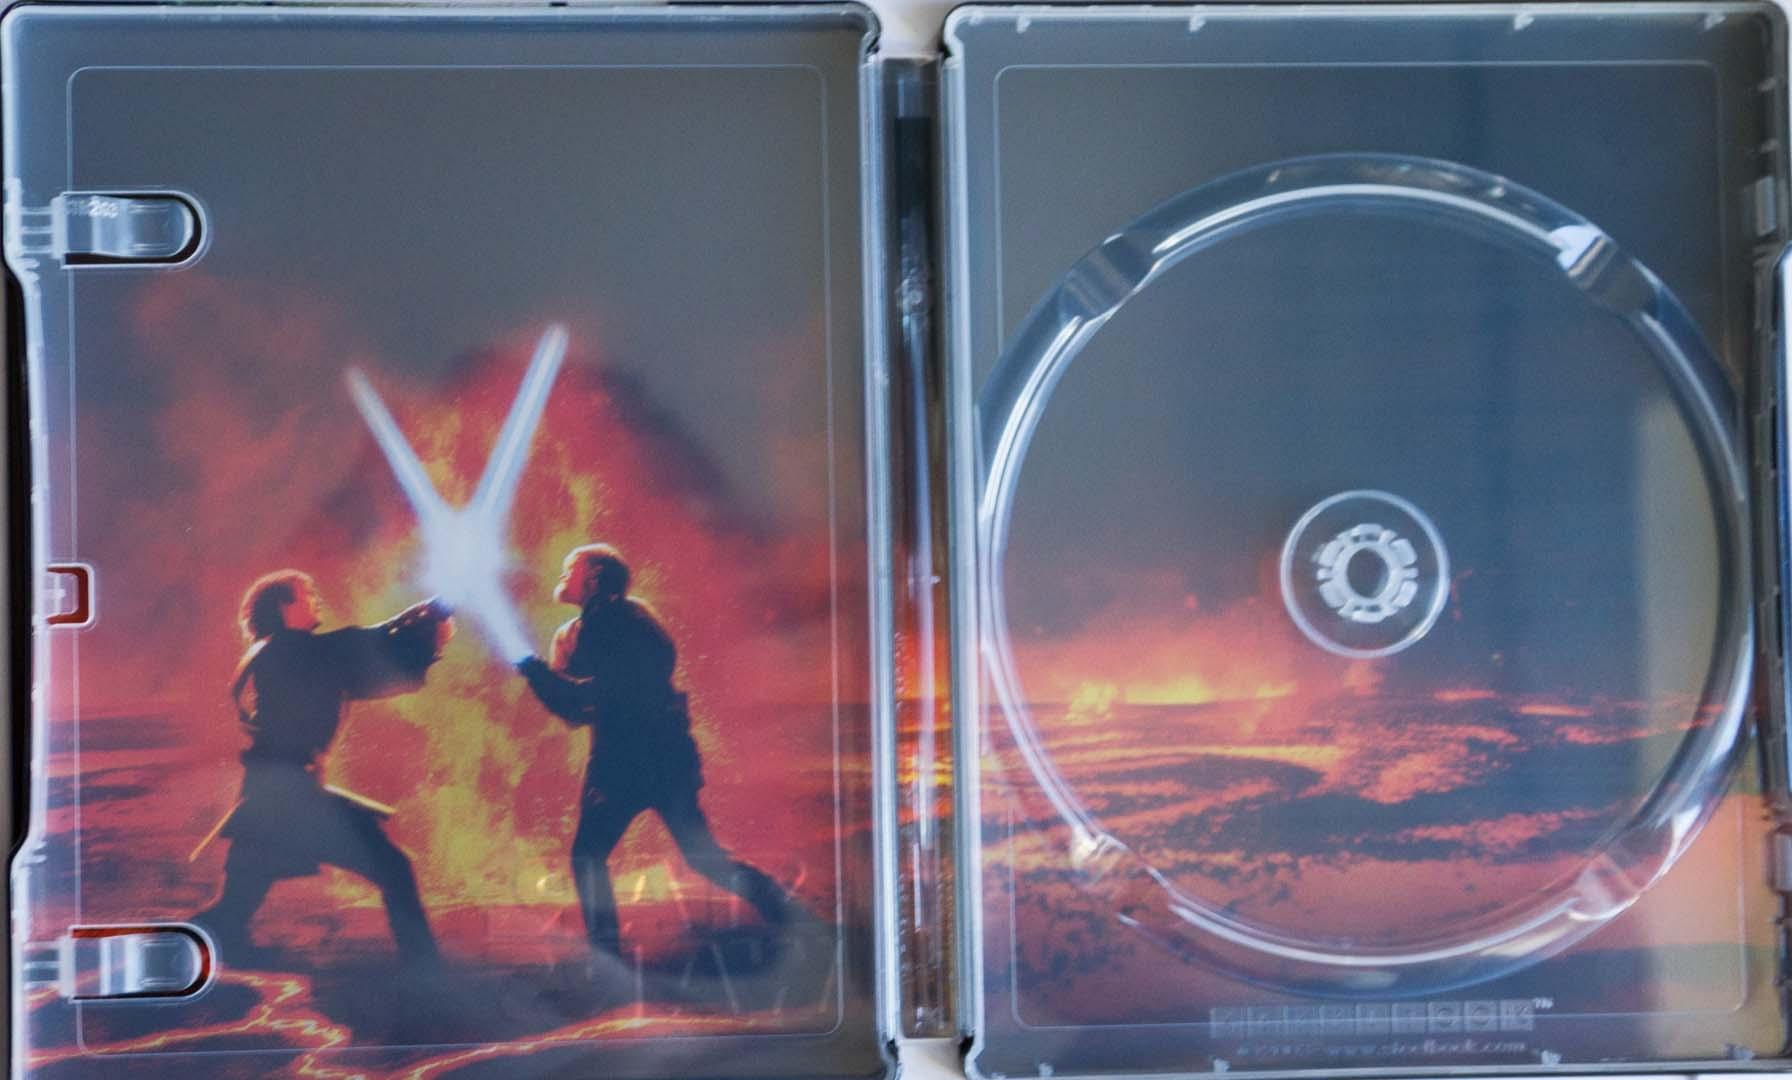 Star Wars Episode III Steelbook05